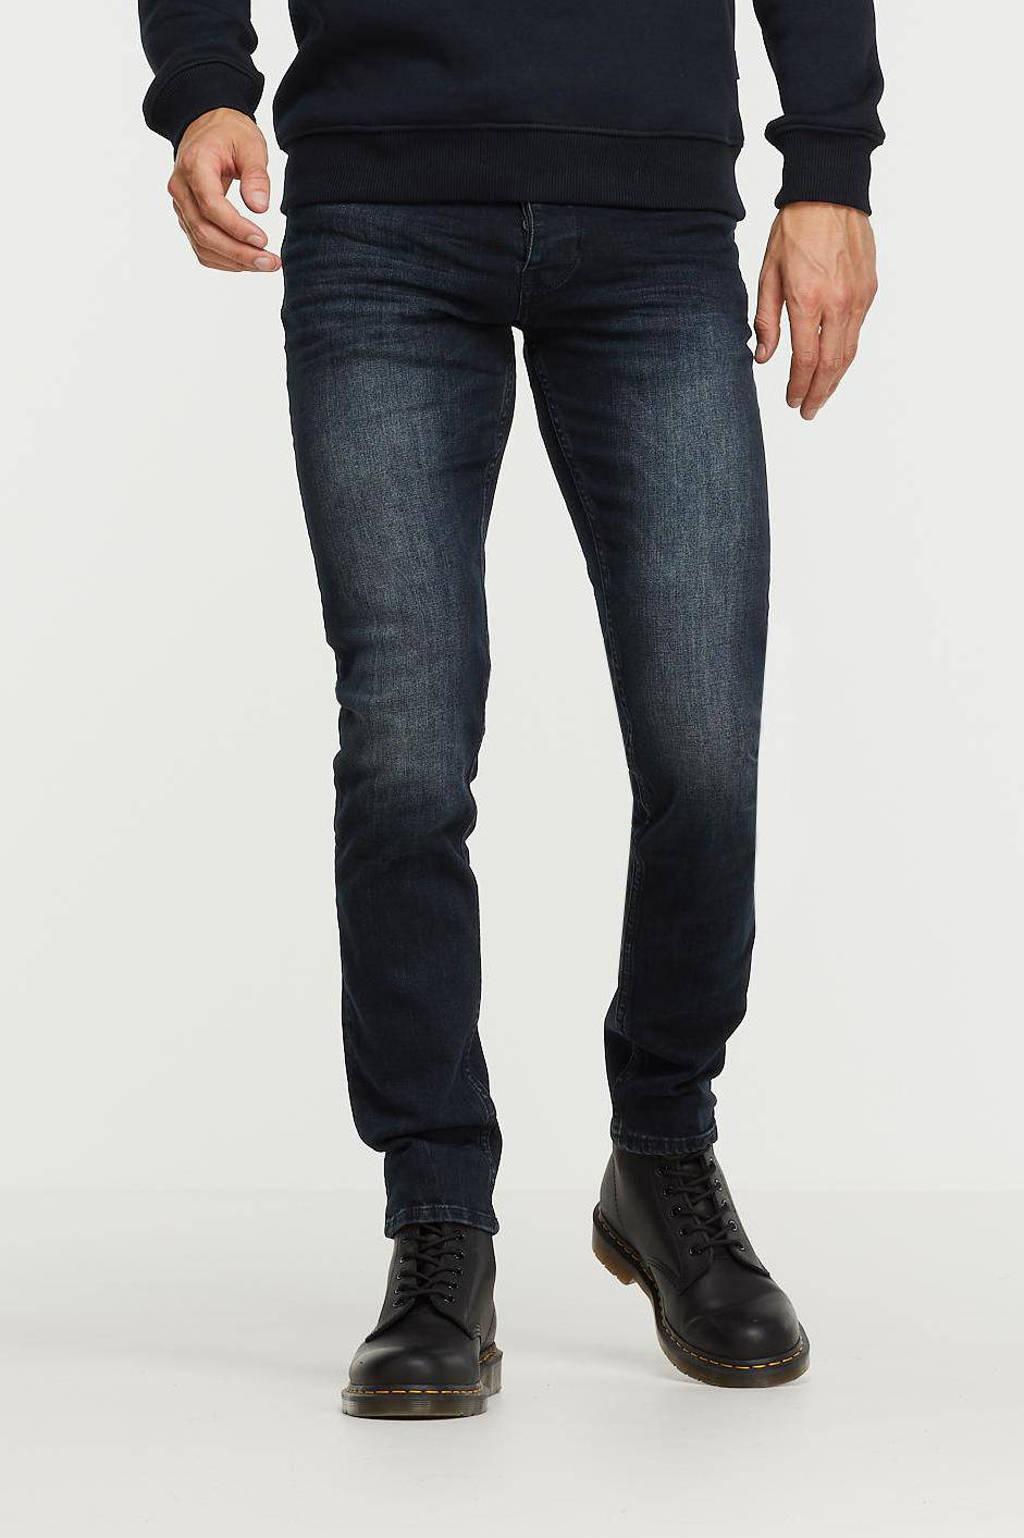 Purewhite slim fit jeans The Stan W0103 denim dark blue, Denim Dark Blue